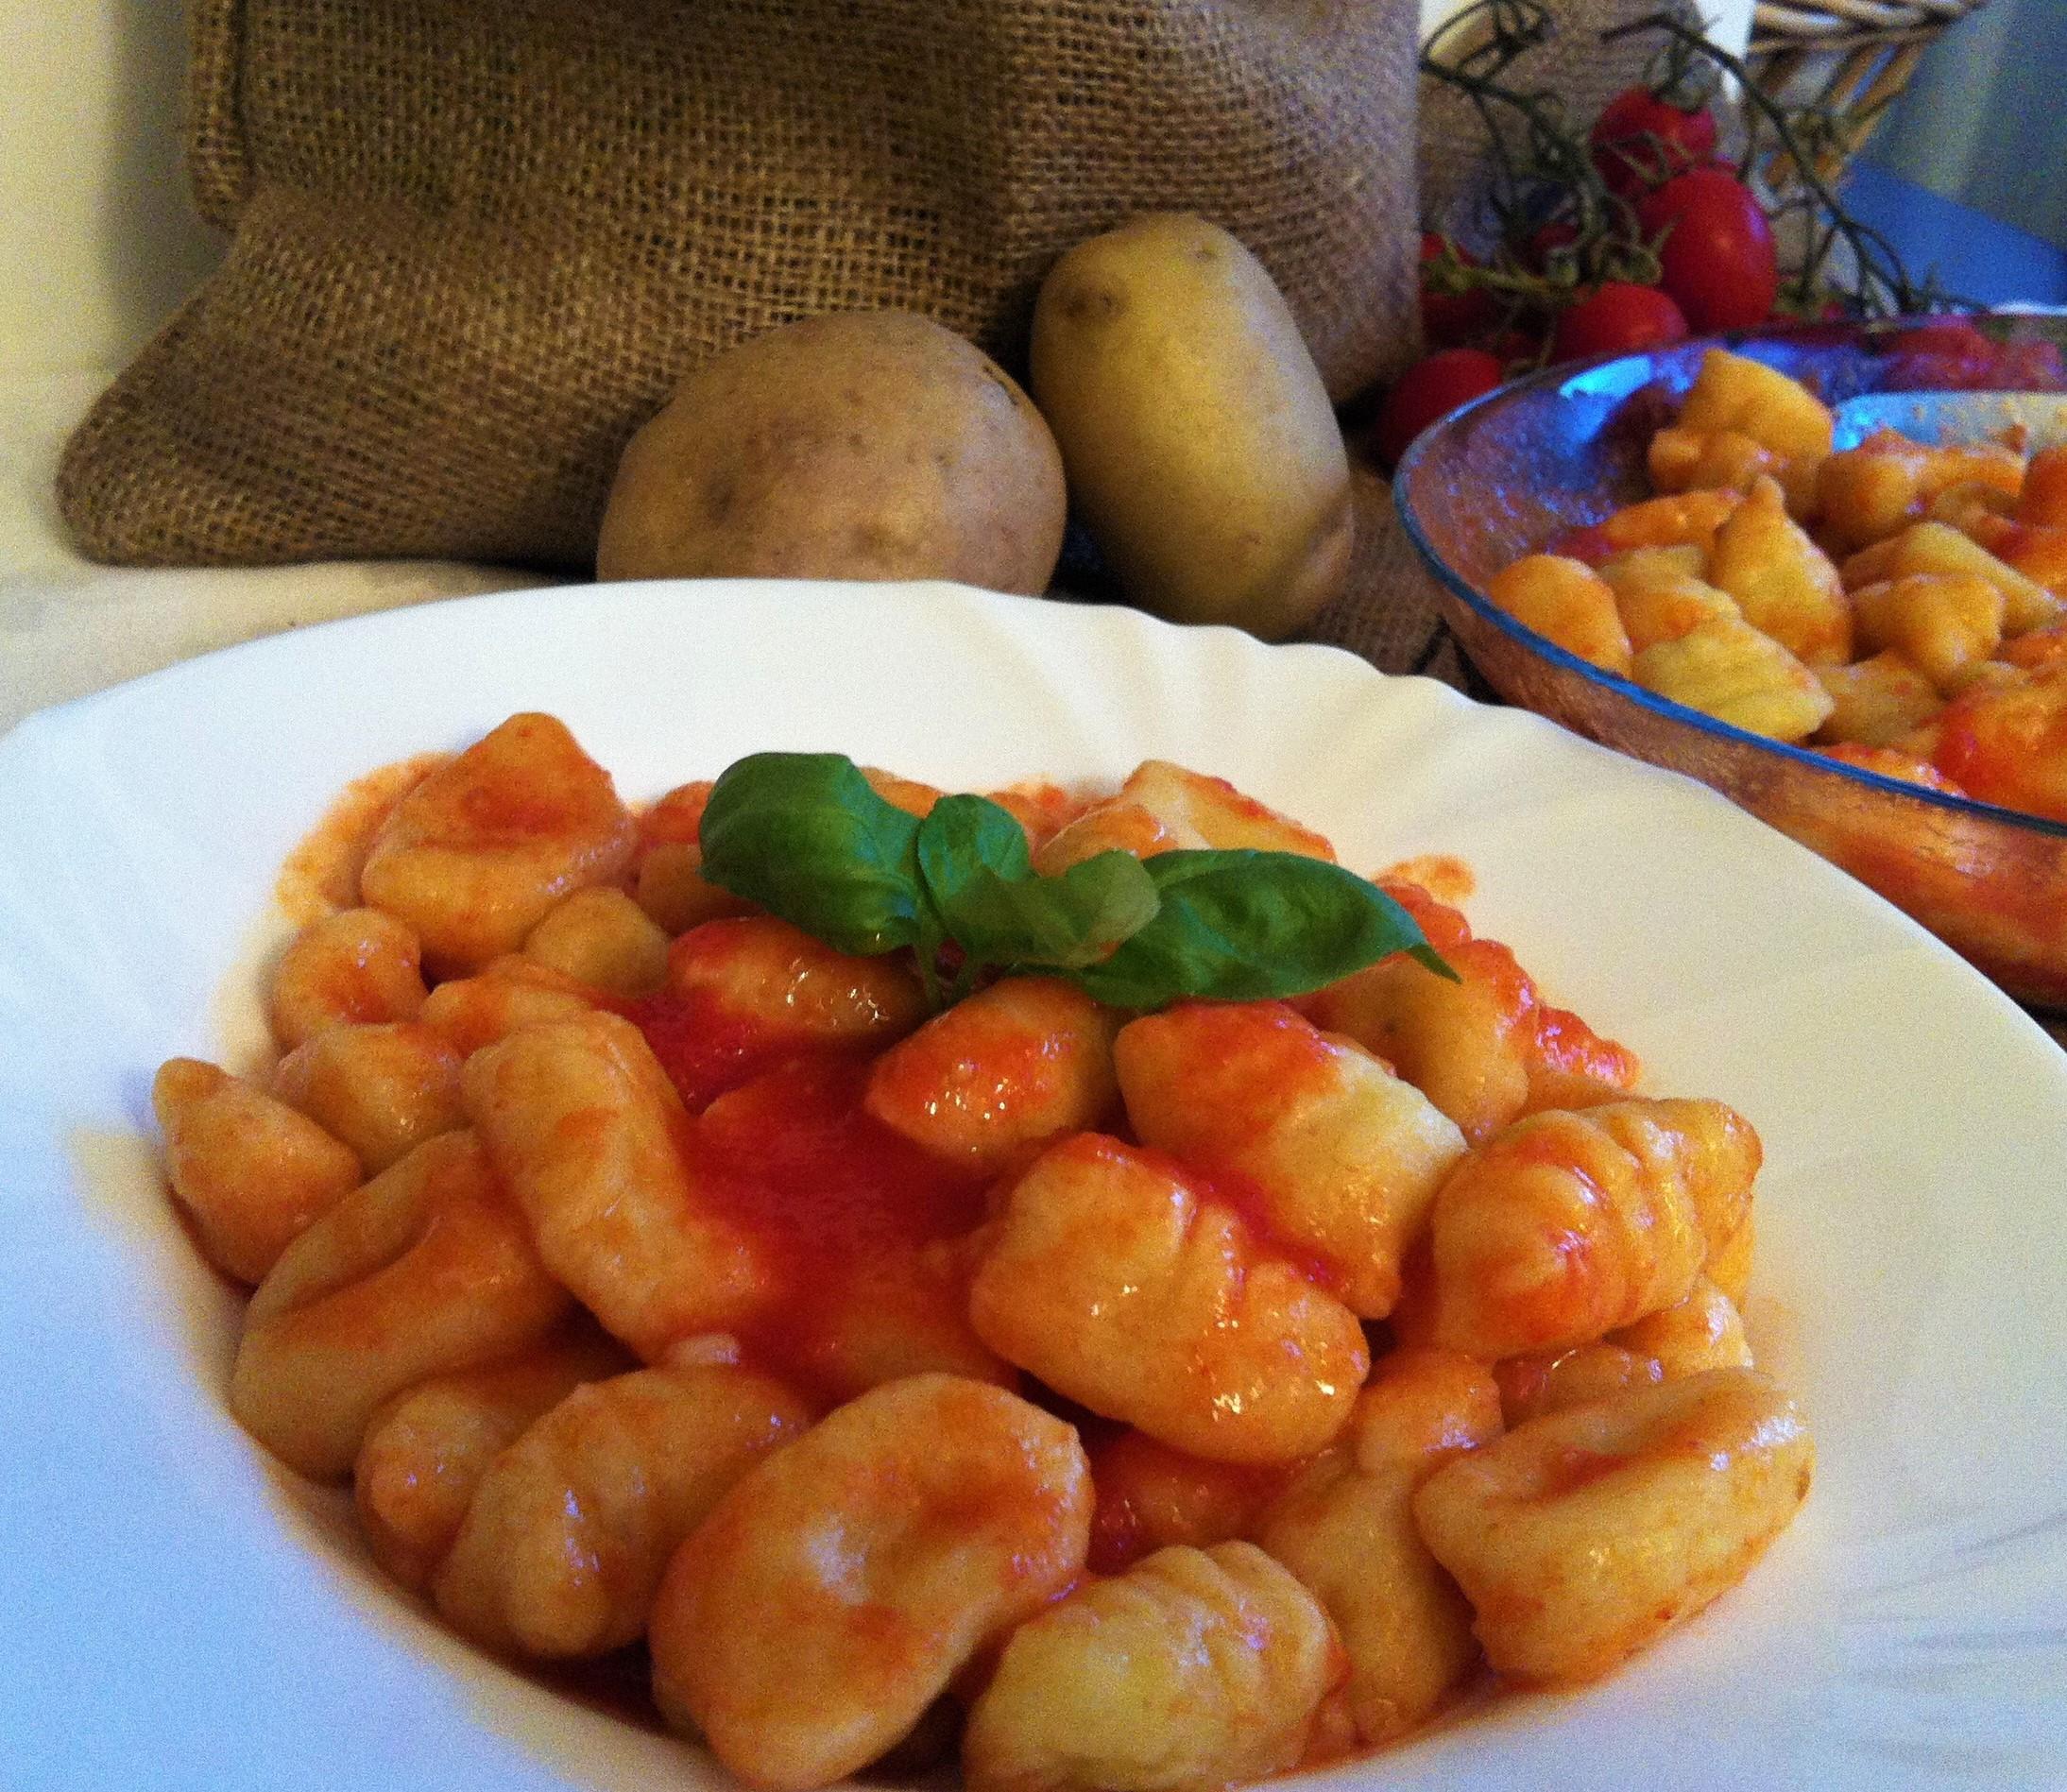 Ricetta Gnocchi Di Patate Con Sugo.Gnocchi Di Patate Con Sugo Al Pomodoro Cucina Svago